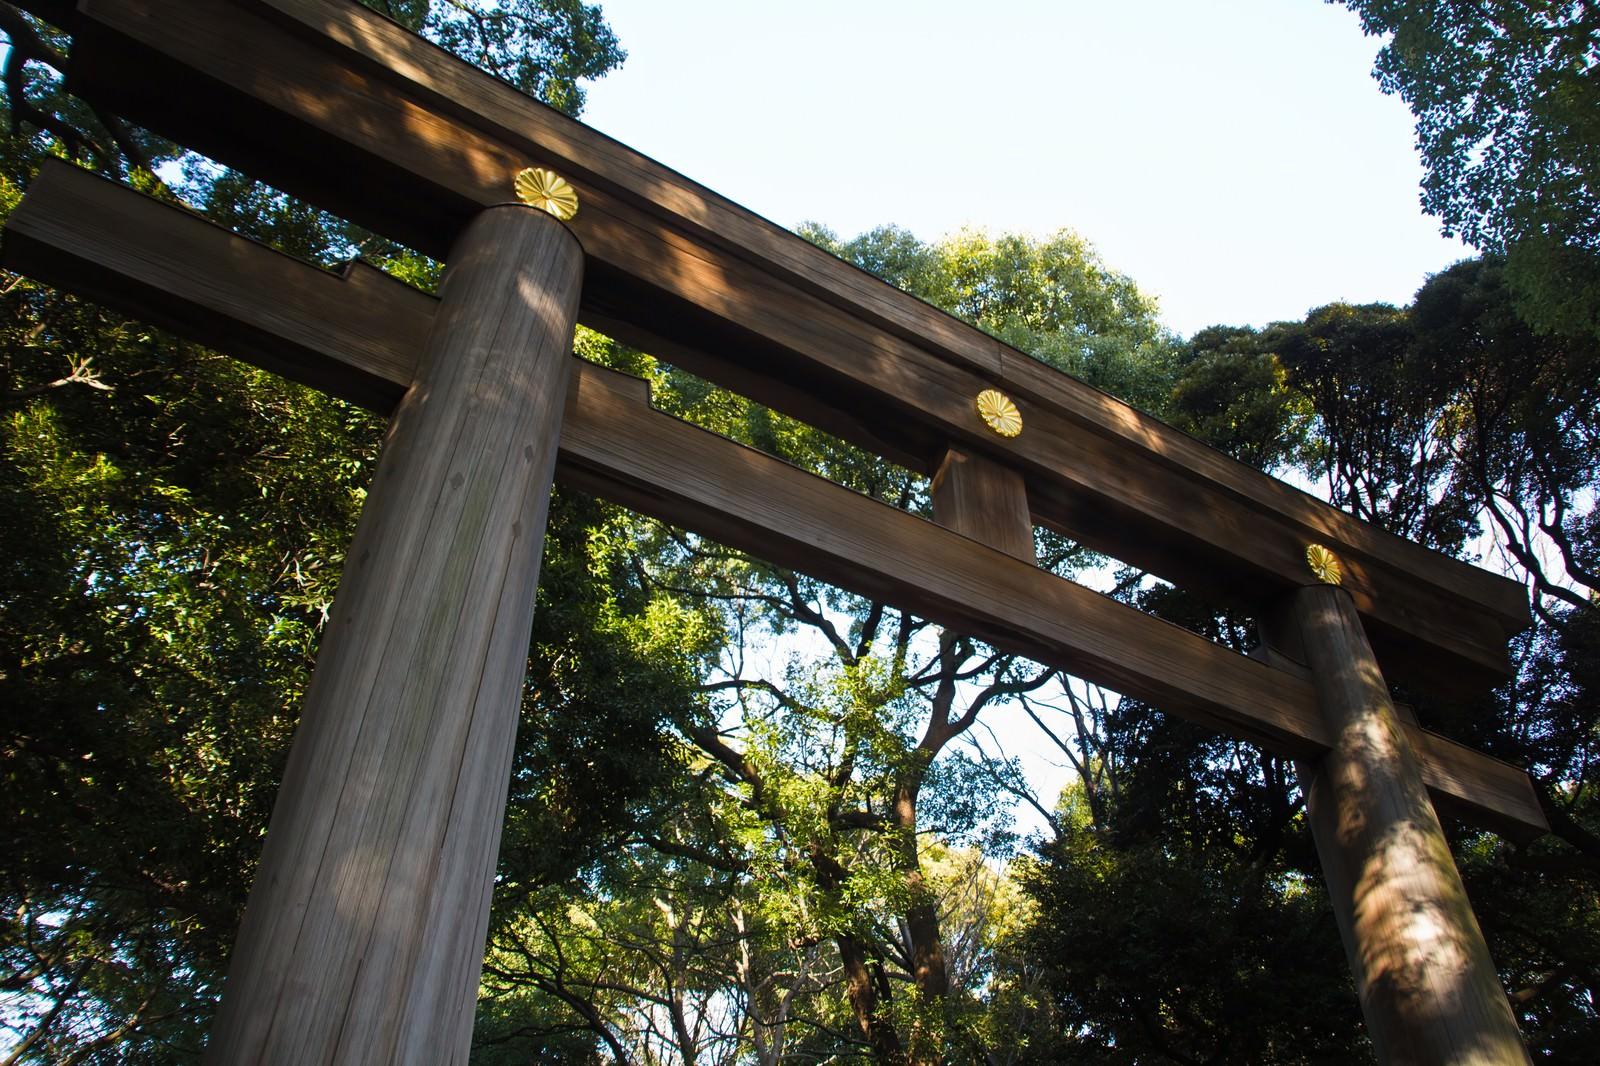 「明治神宮の鳥居明治神宮の鳥居」のフリー写真素材を拡大